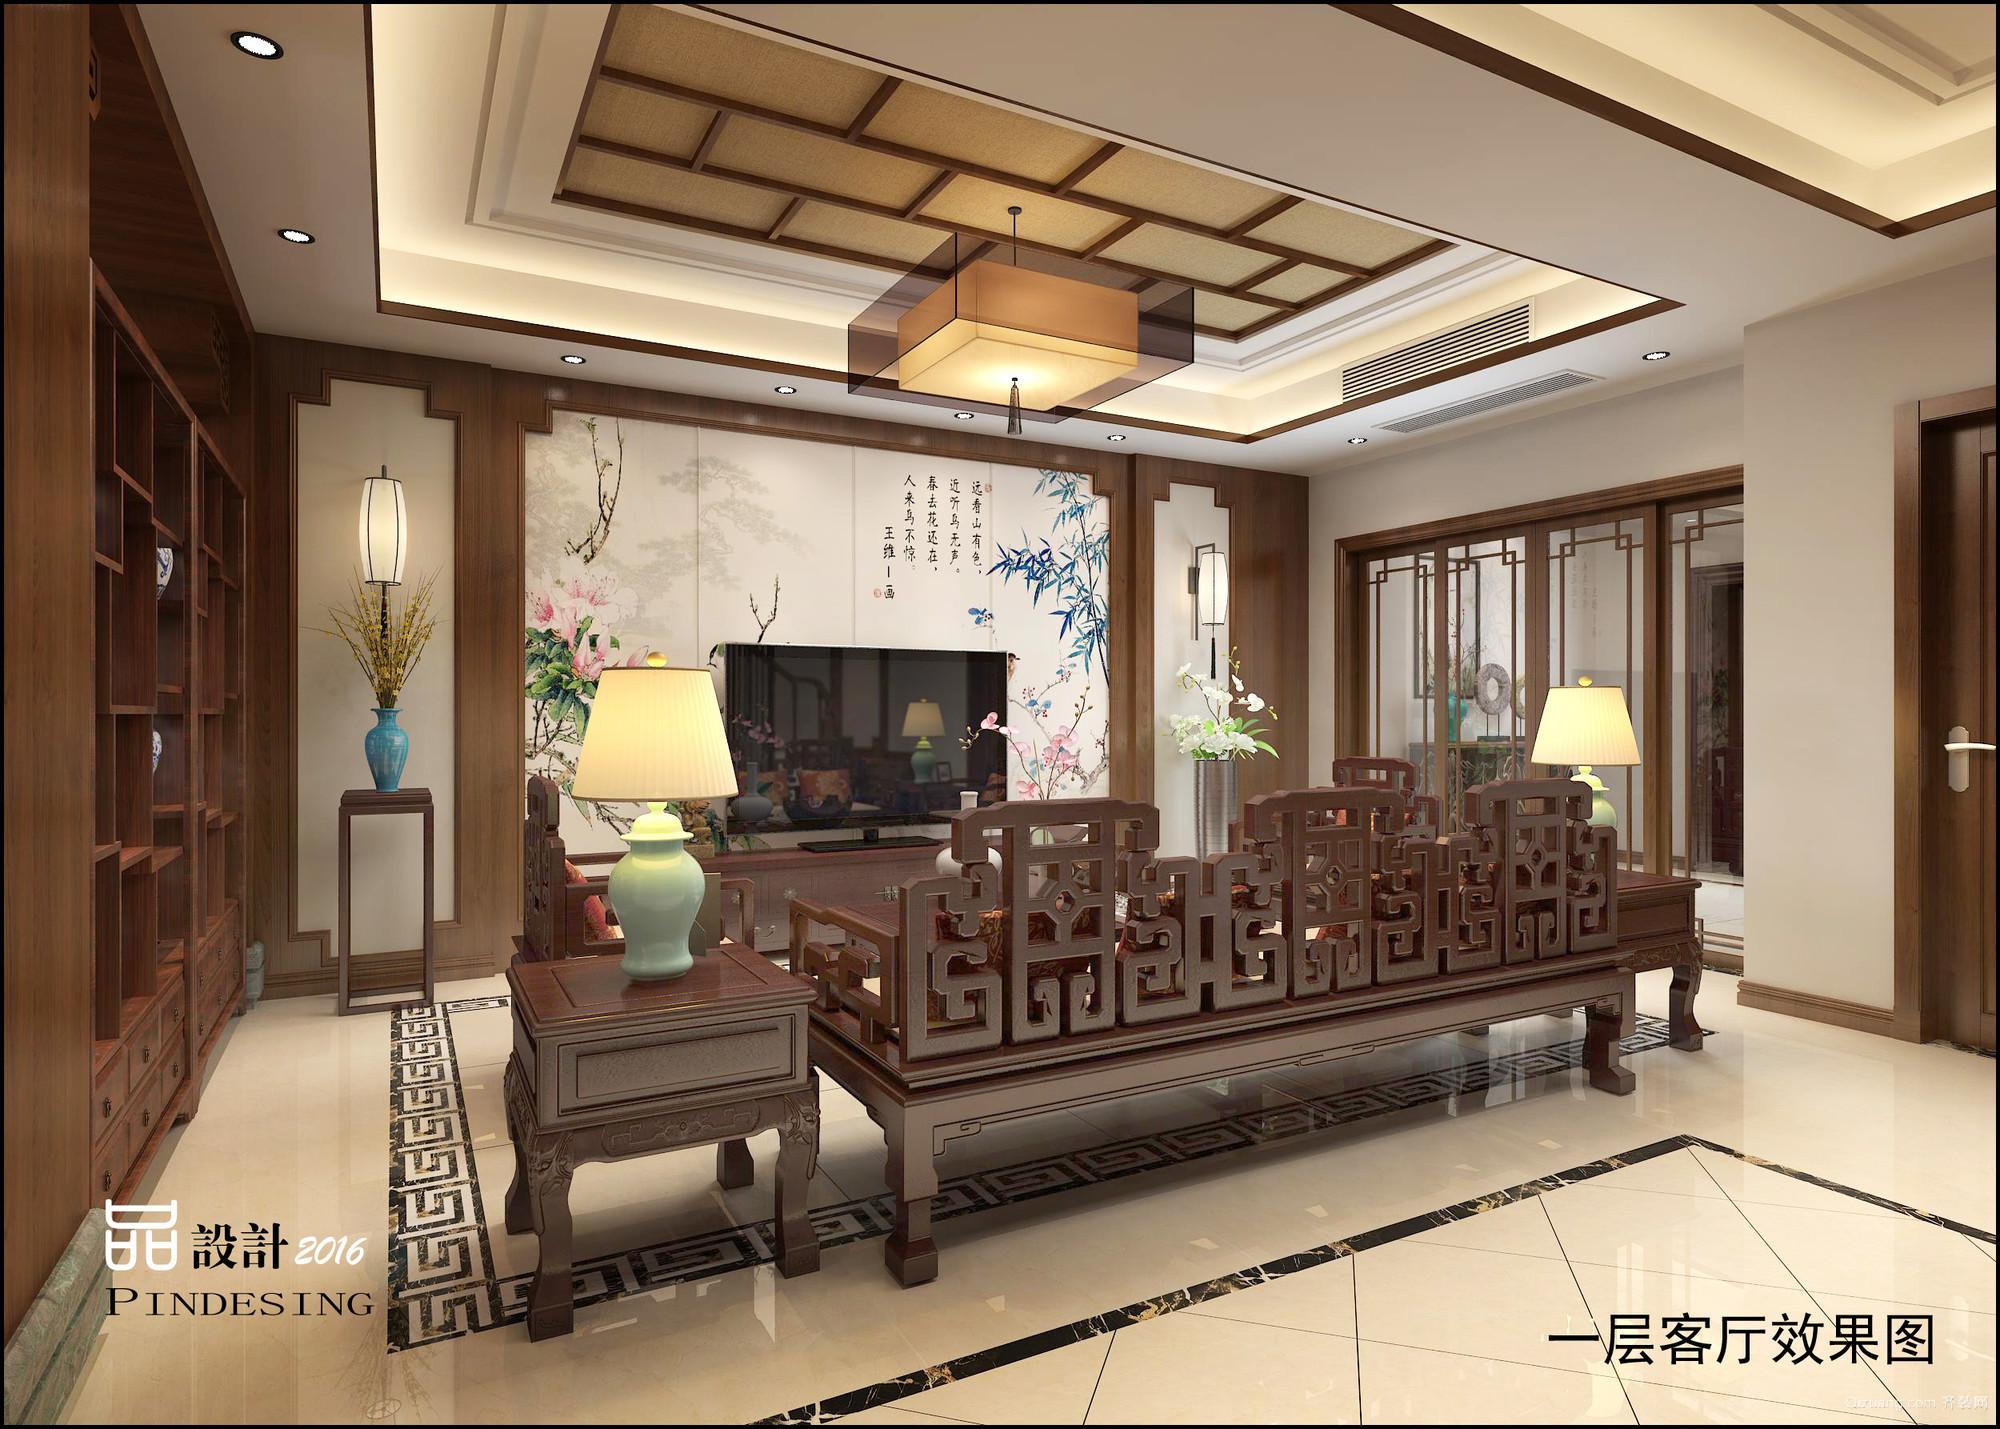 世茂香槟湖别墅中式风格装修效果图实景图